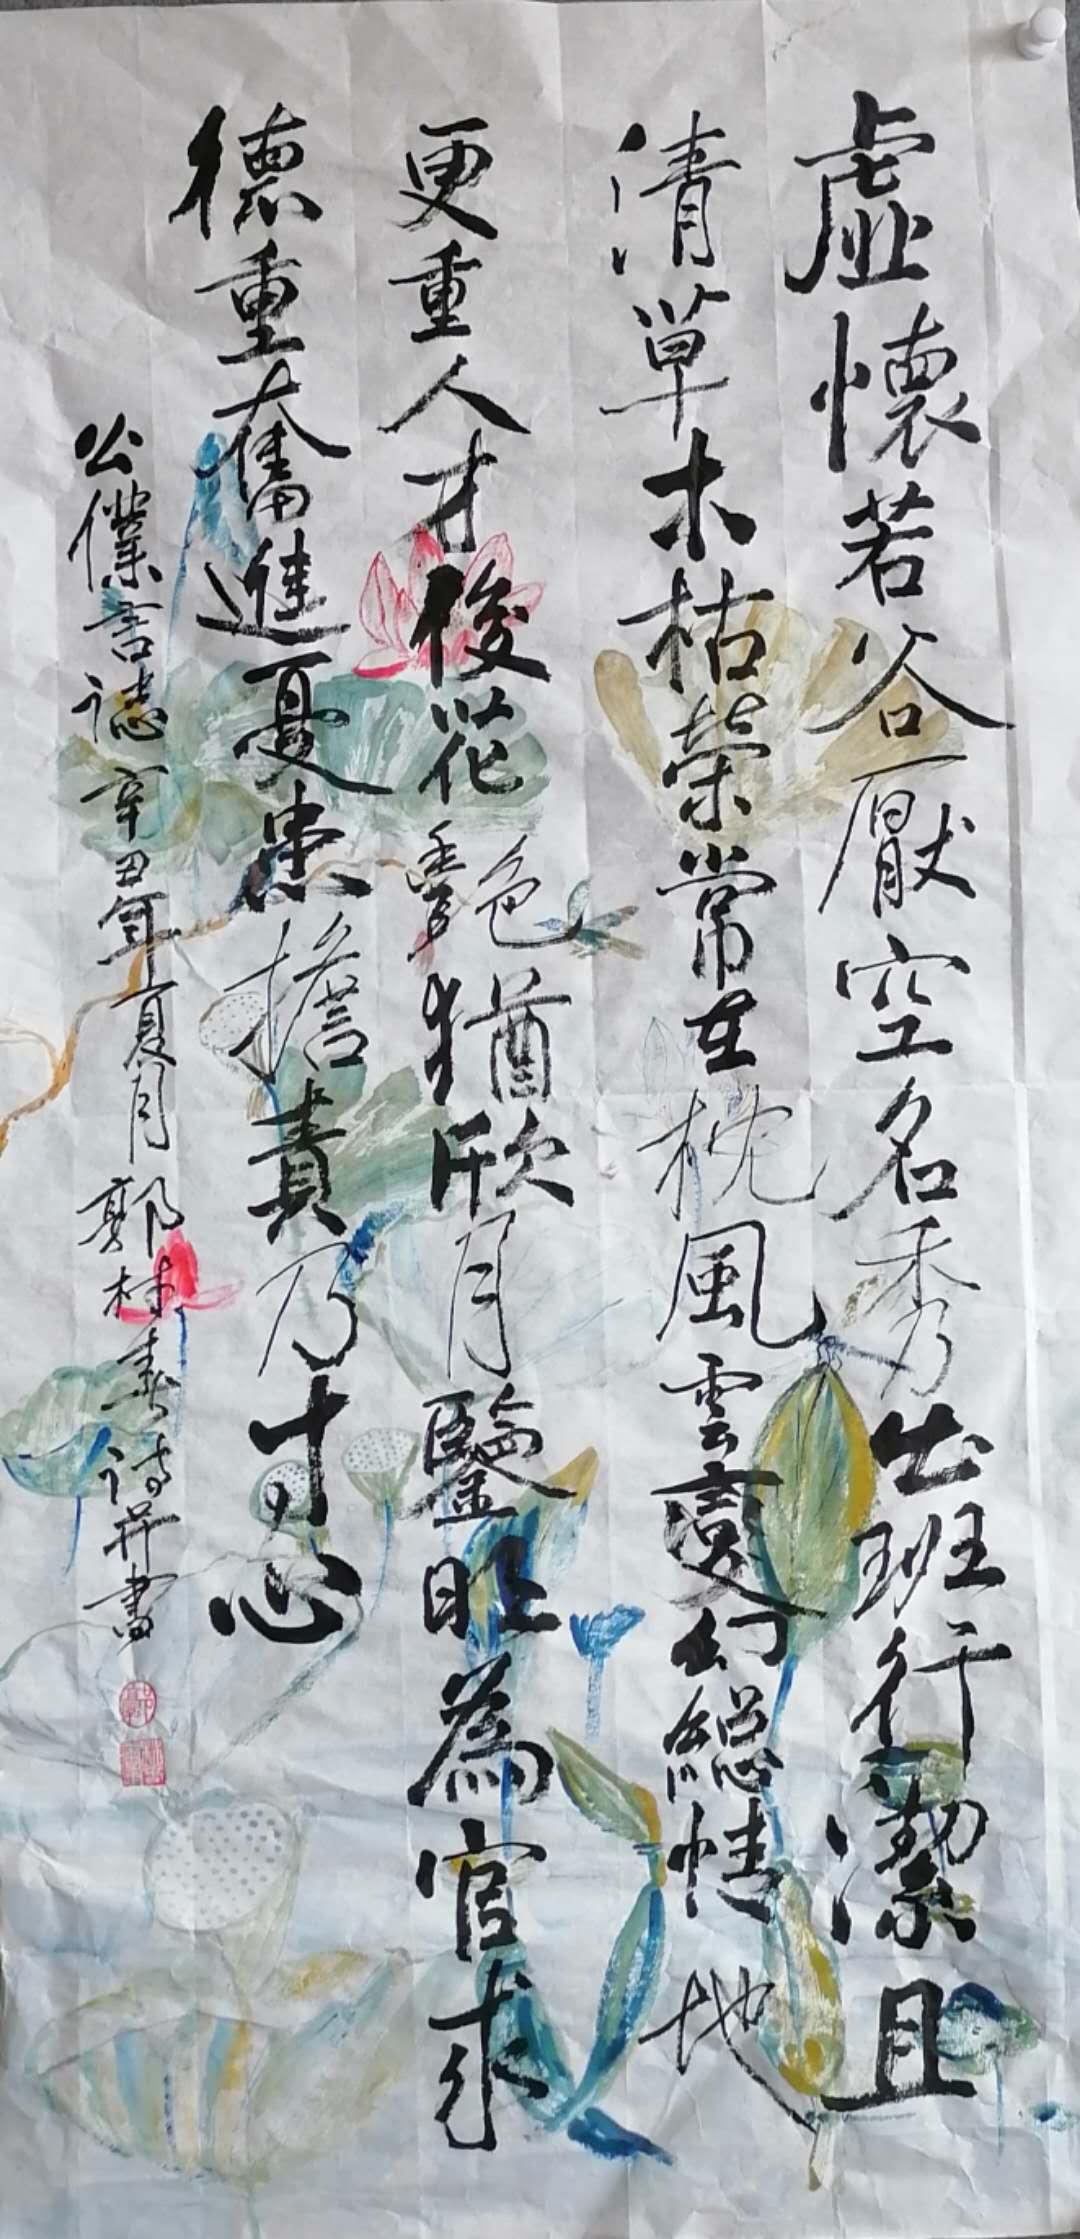 10、郭林春诗书法《公仆言志》.jpg